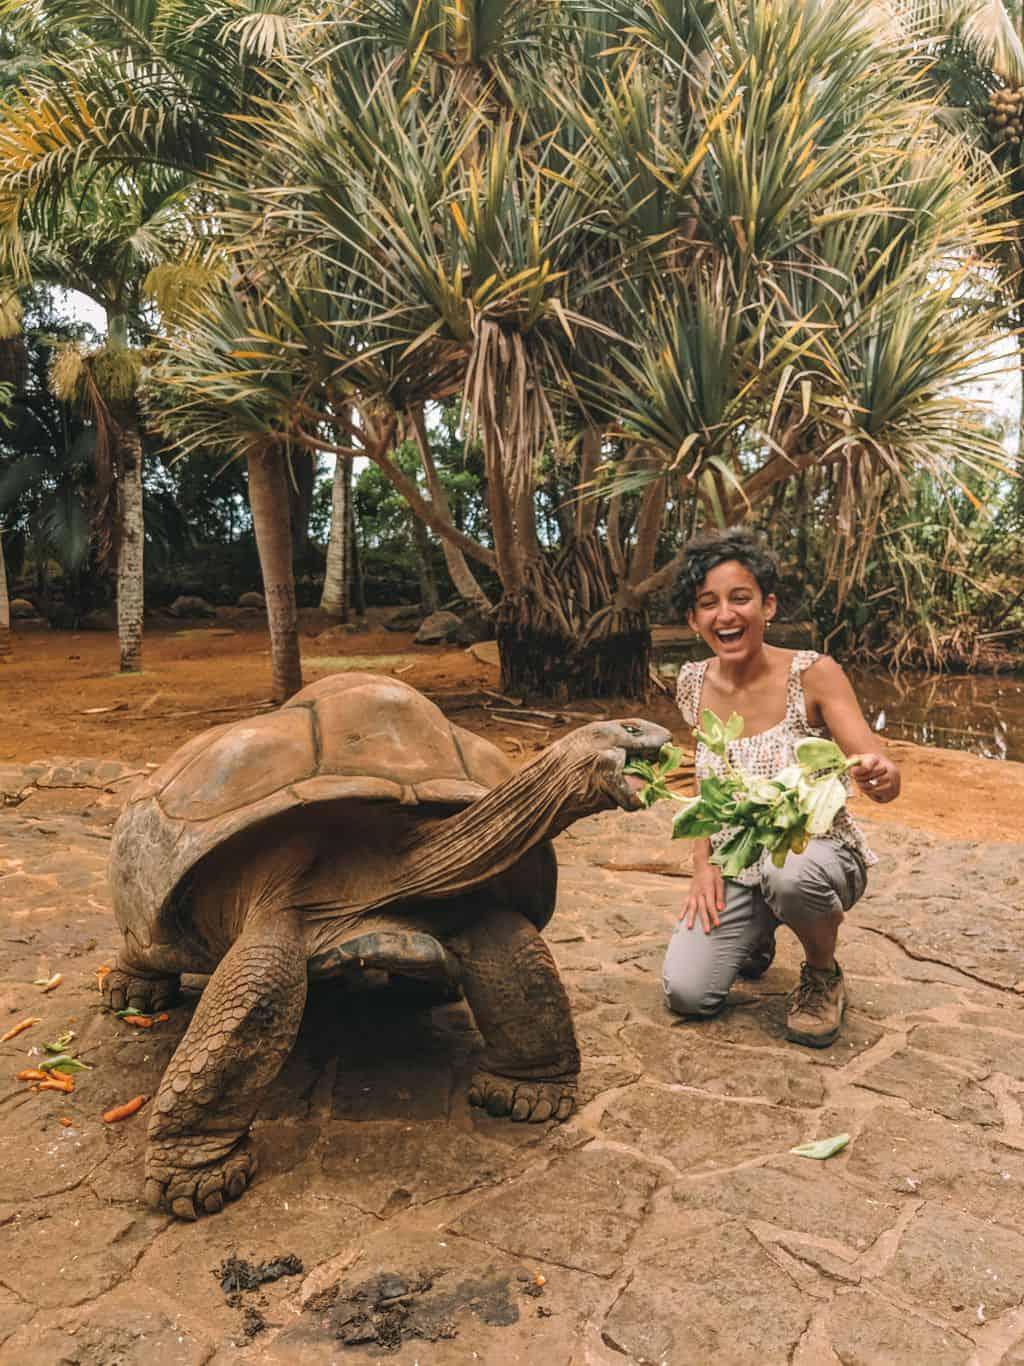 La Vanille Nature Park Mauritius